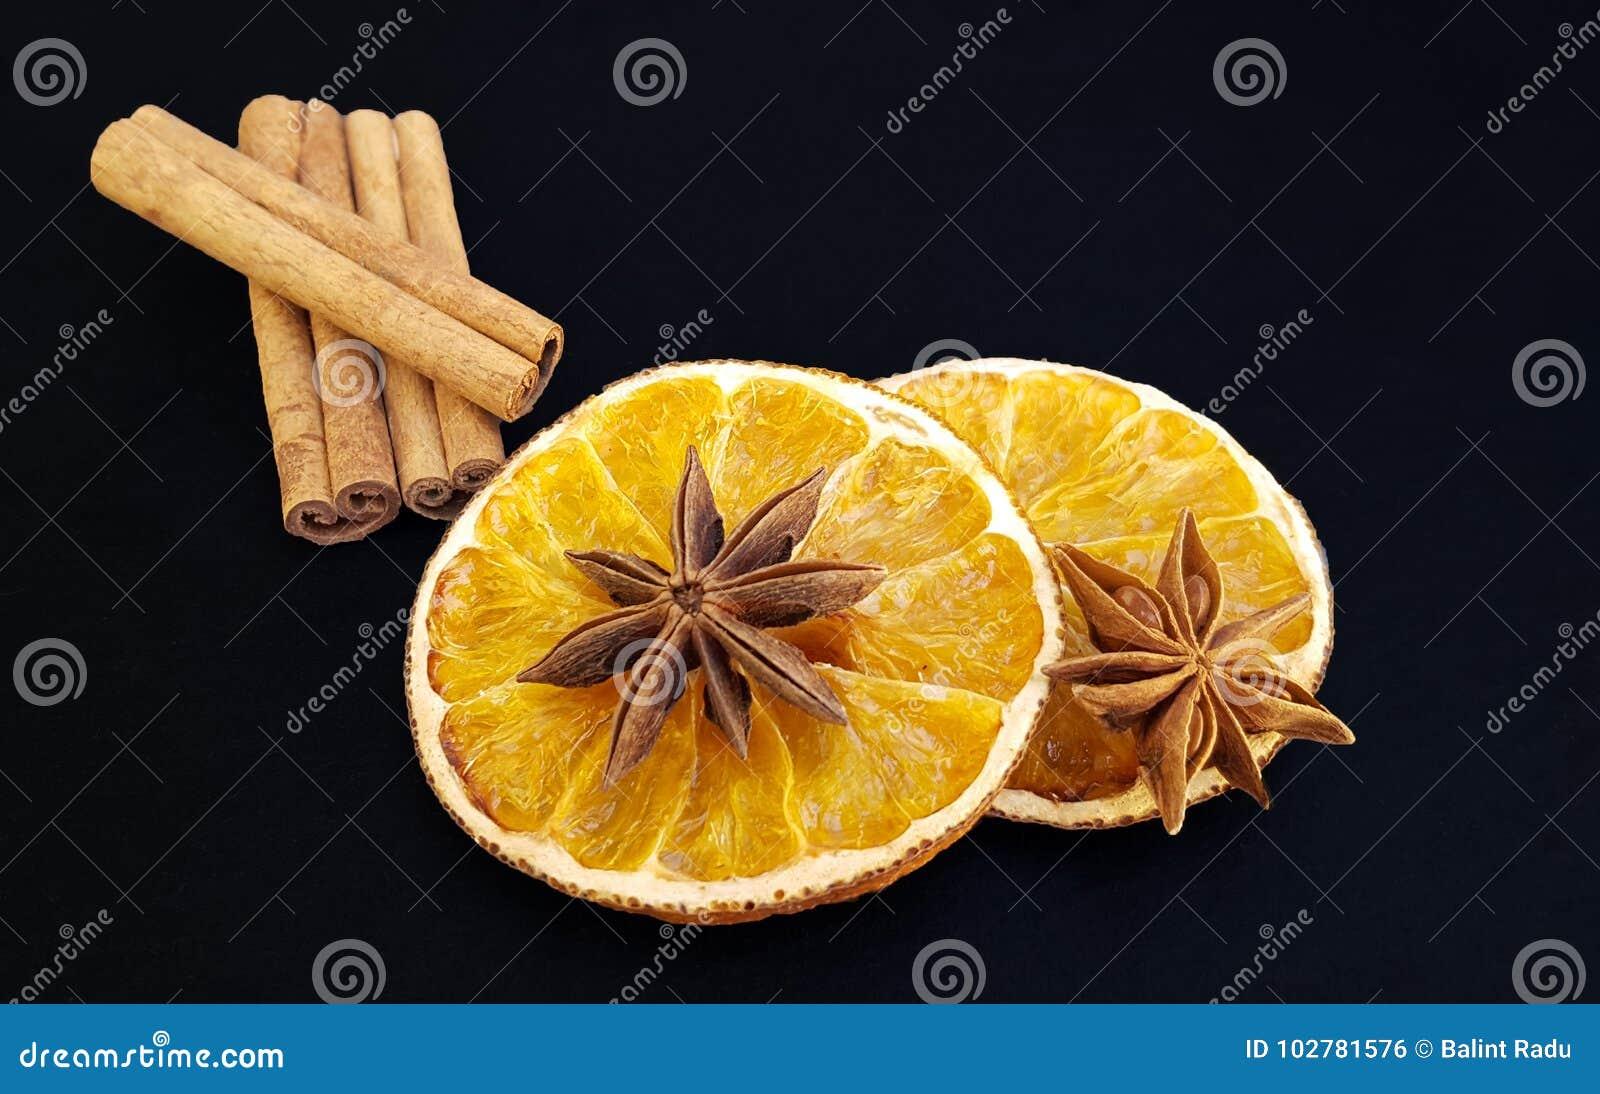 Getrocknete orange Scheiben mit Sternanis und -Zimtstangen